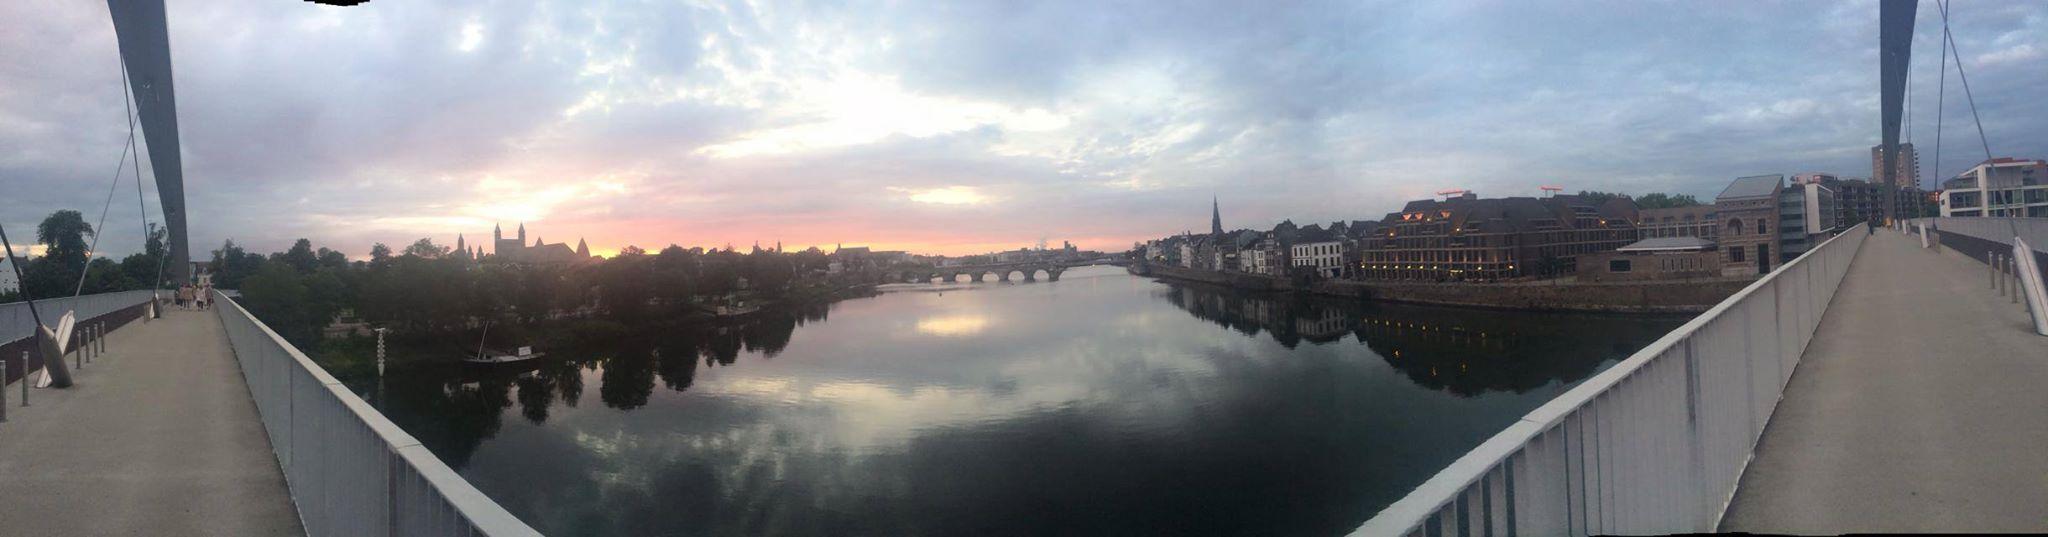 Maastricht at sunset